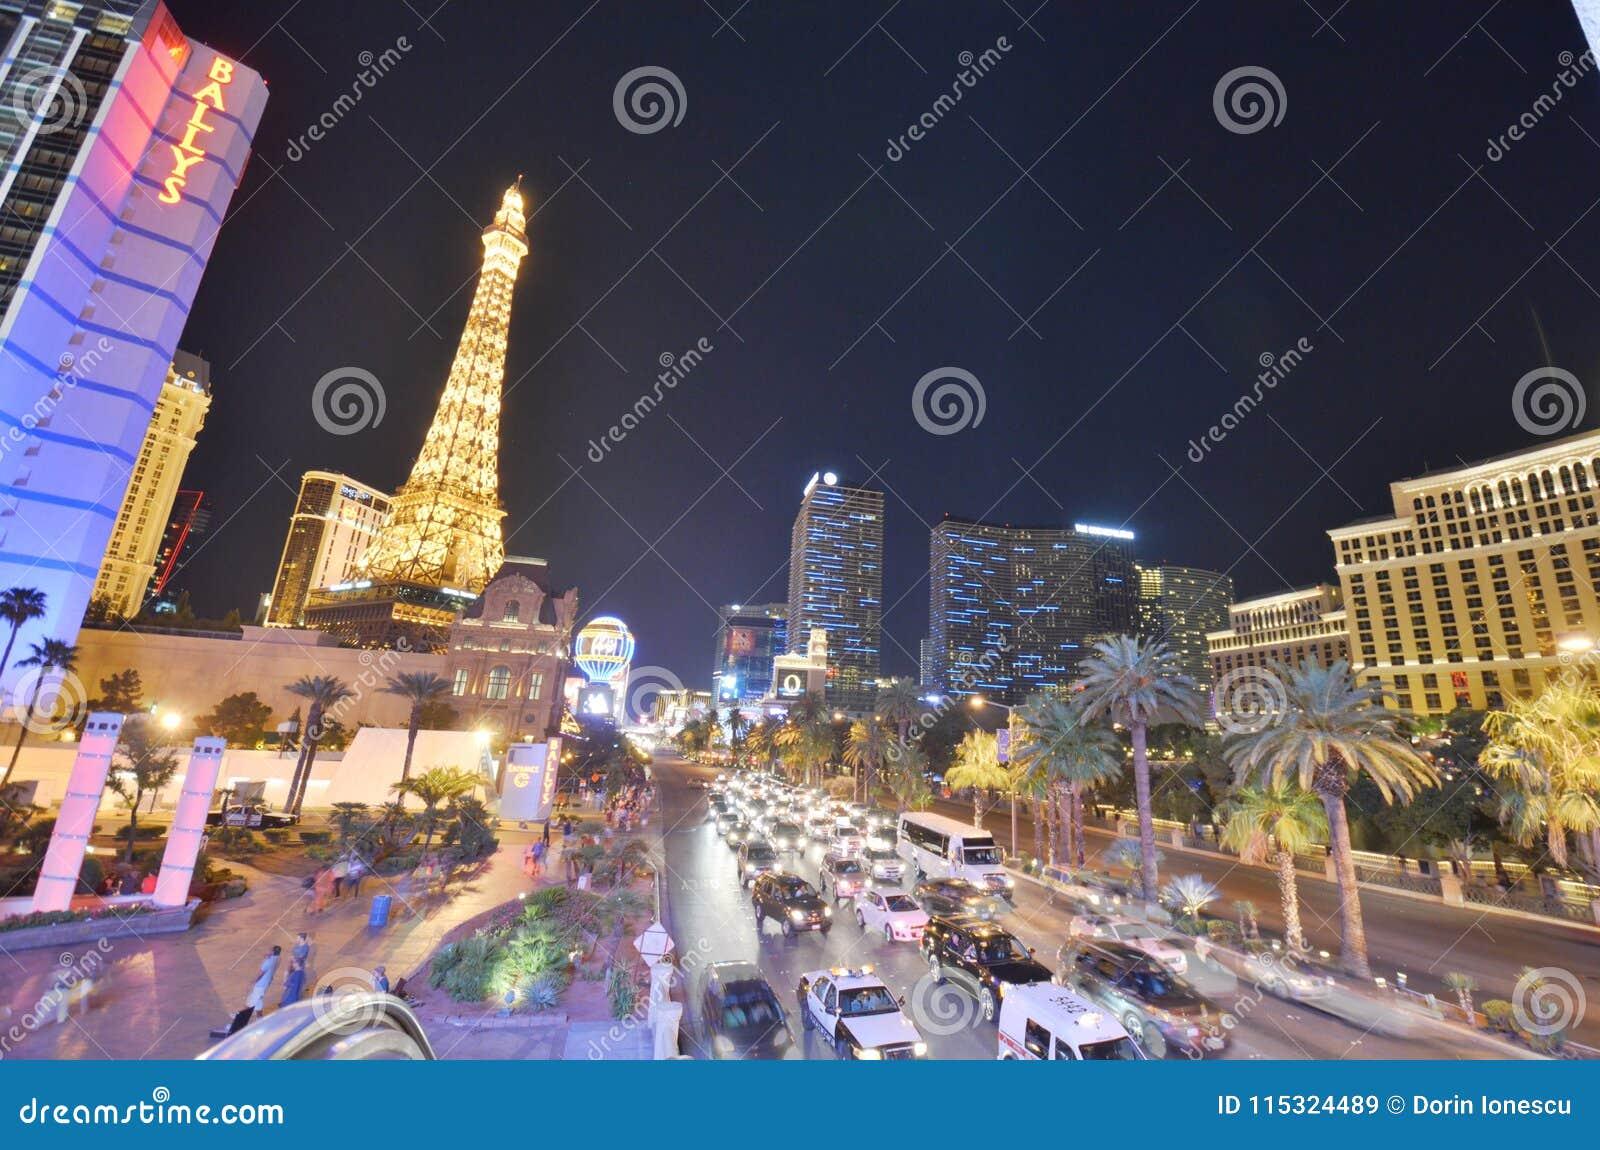 Hotel y casino de París, París Las Vegas, hotel y casino, zona metropolitana, ciudad, zona urbana, paisaje urbano de Bellagio